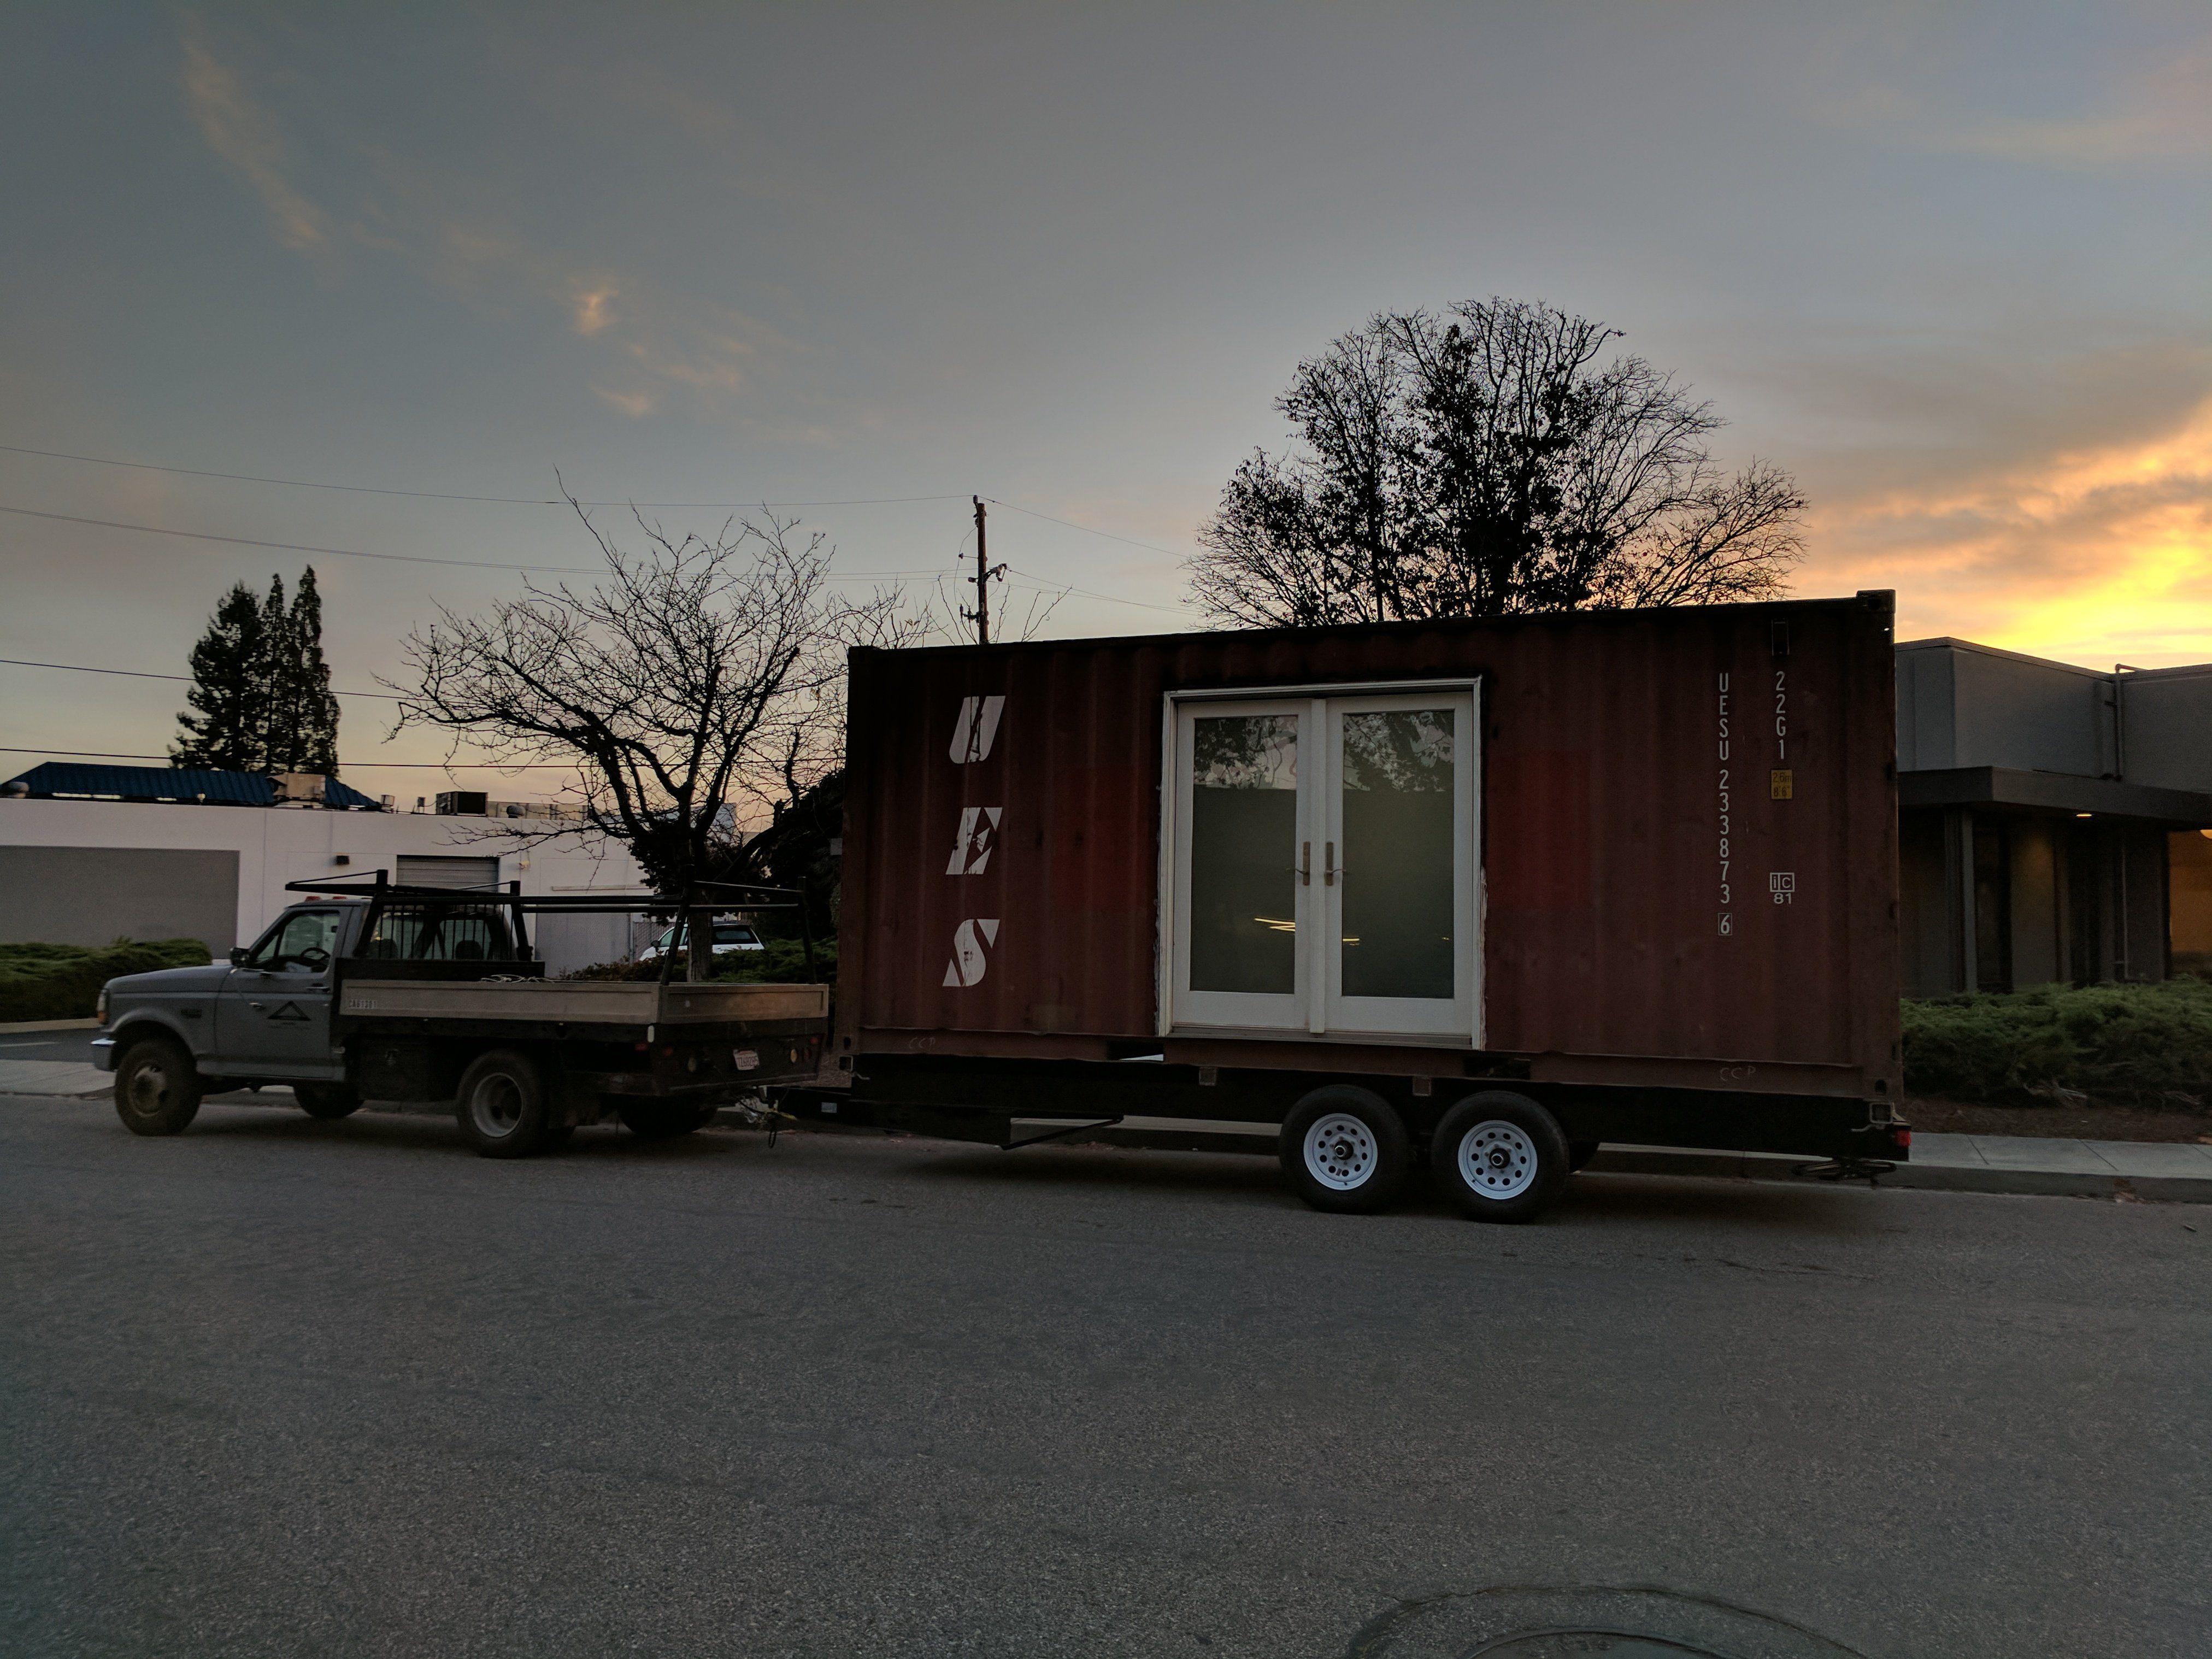 Do Wheels Make A Shipping Container Home An Rv Oakland